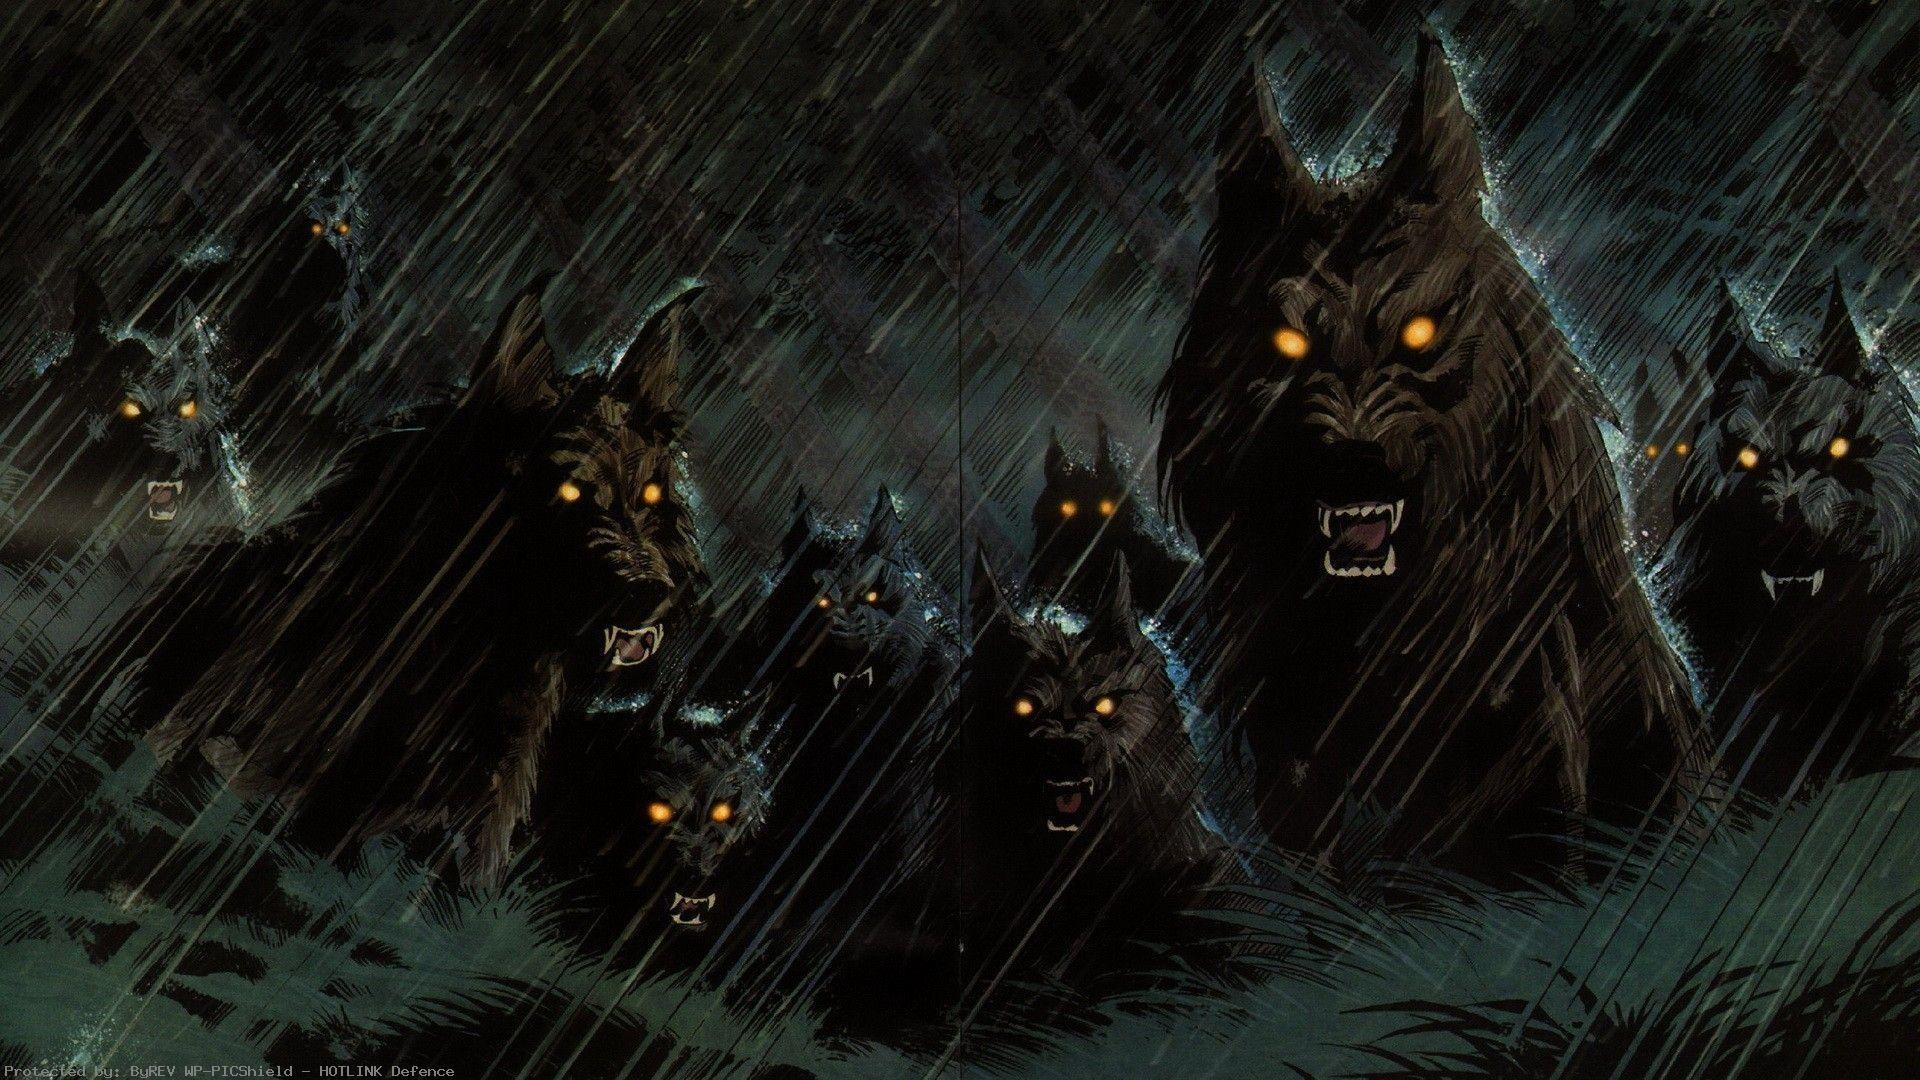 wolf-dark-and-rain-image-wallpaper-wp80014235